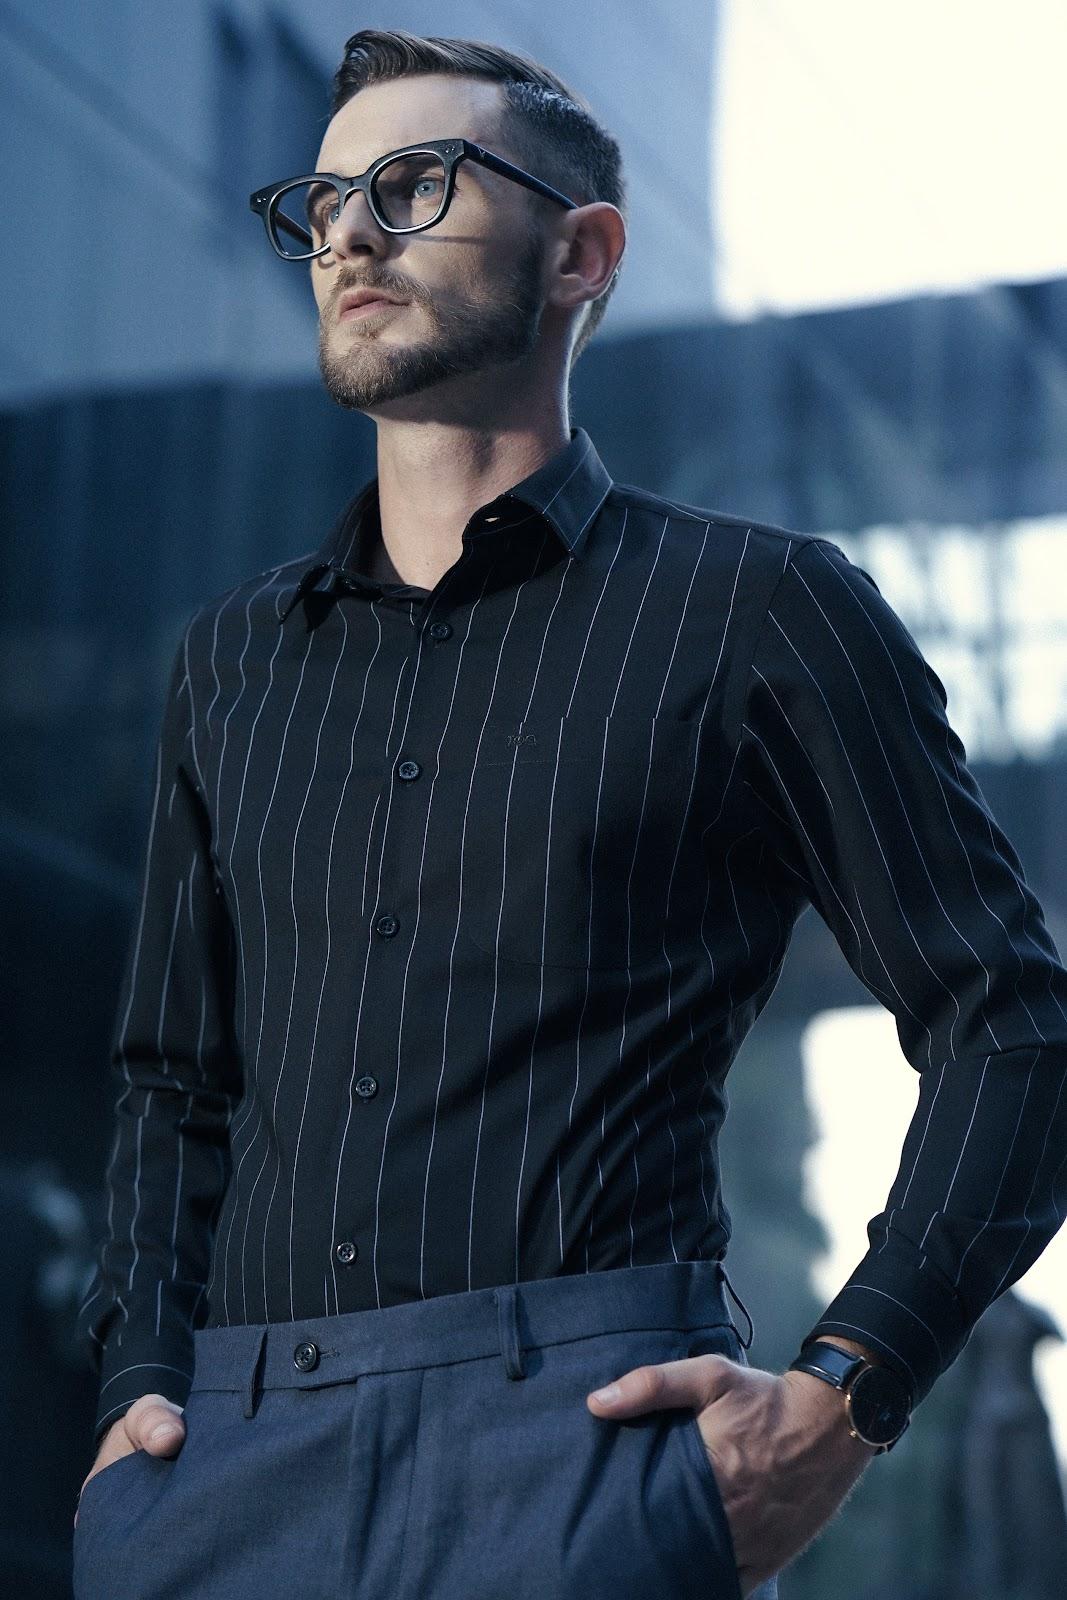 Những mẫu áo sơ mi đen có hoạ tiết kẻ sọc giúp nam giới trông trẻ trung, thu hút hơn